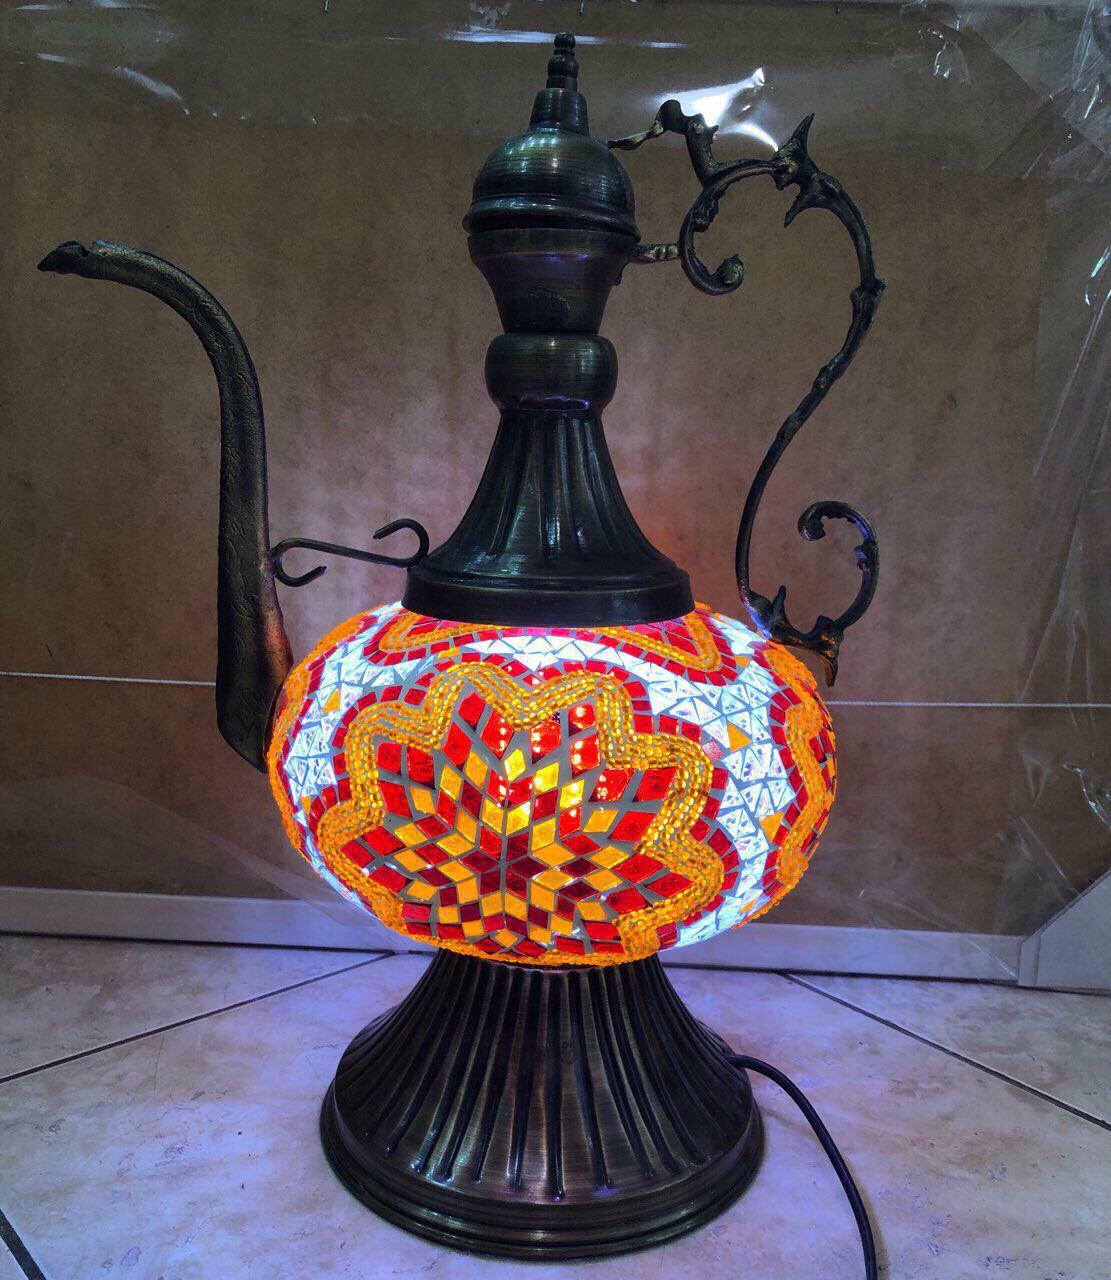 Настільний турецький світильник велика лампа Аладіна Sinan з мозаїки ручної роботи 50 см